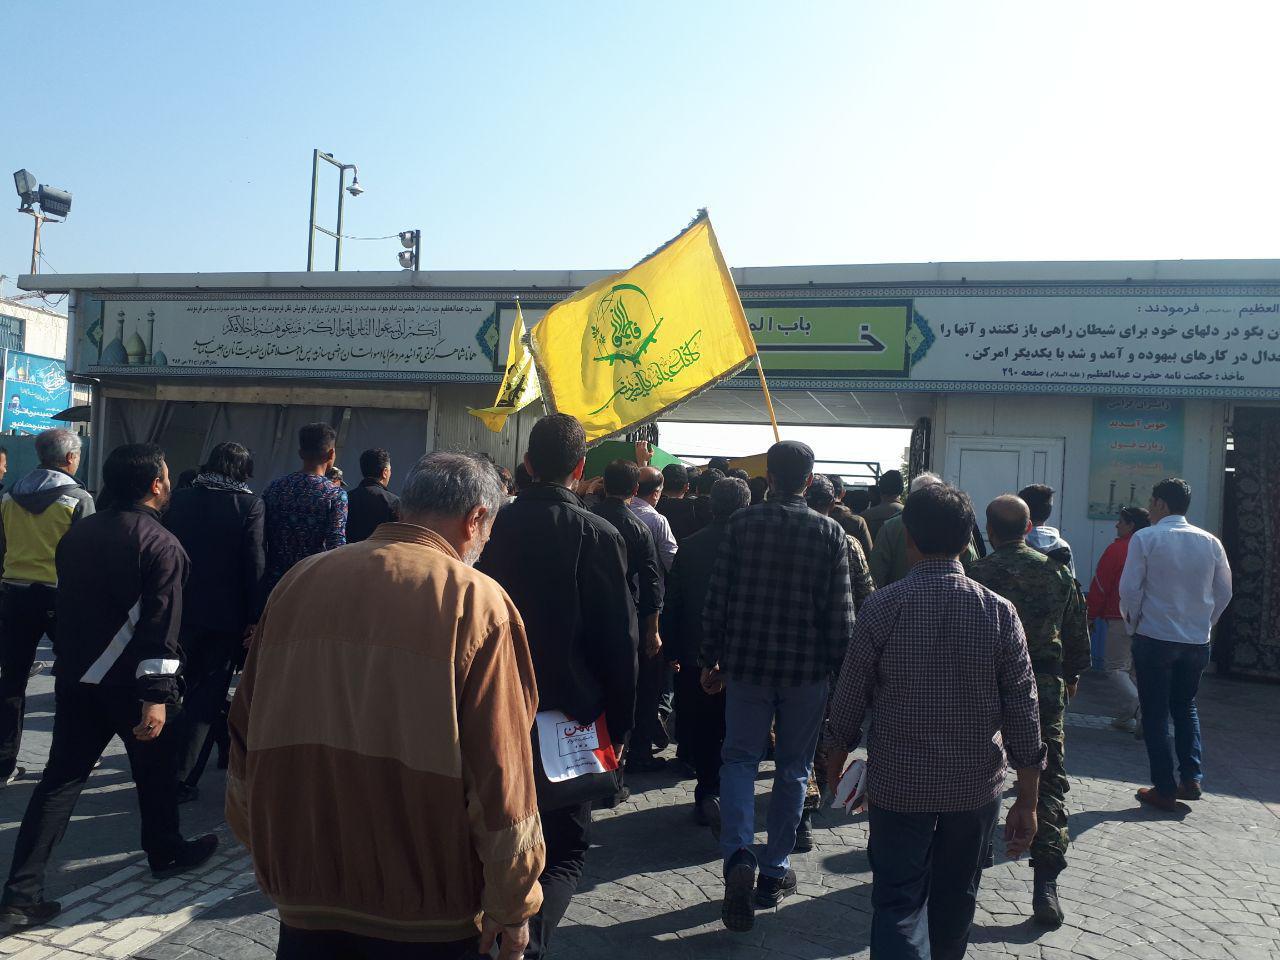 پیکر شهید نائبی پس از ۳ سال از شهادت به خاک سپرده شد